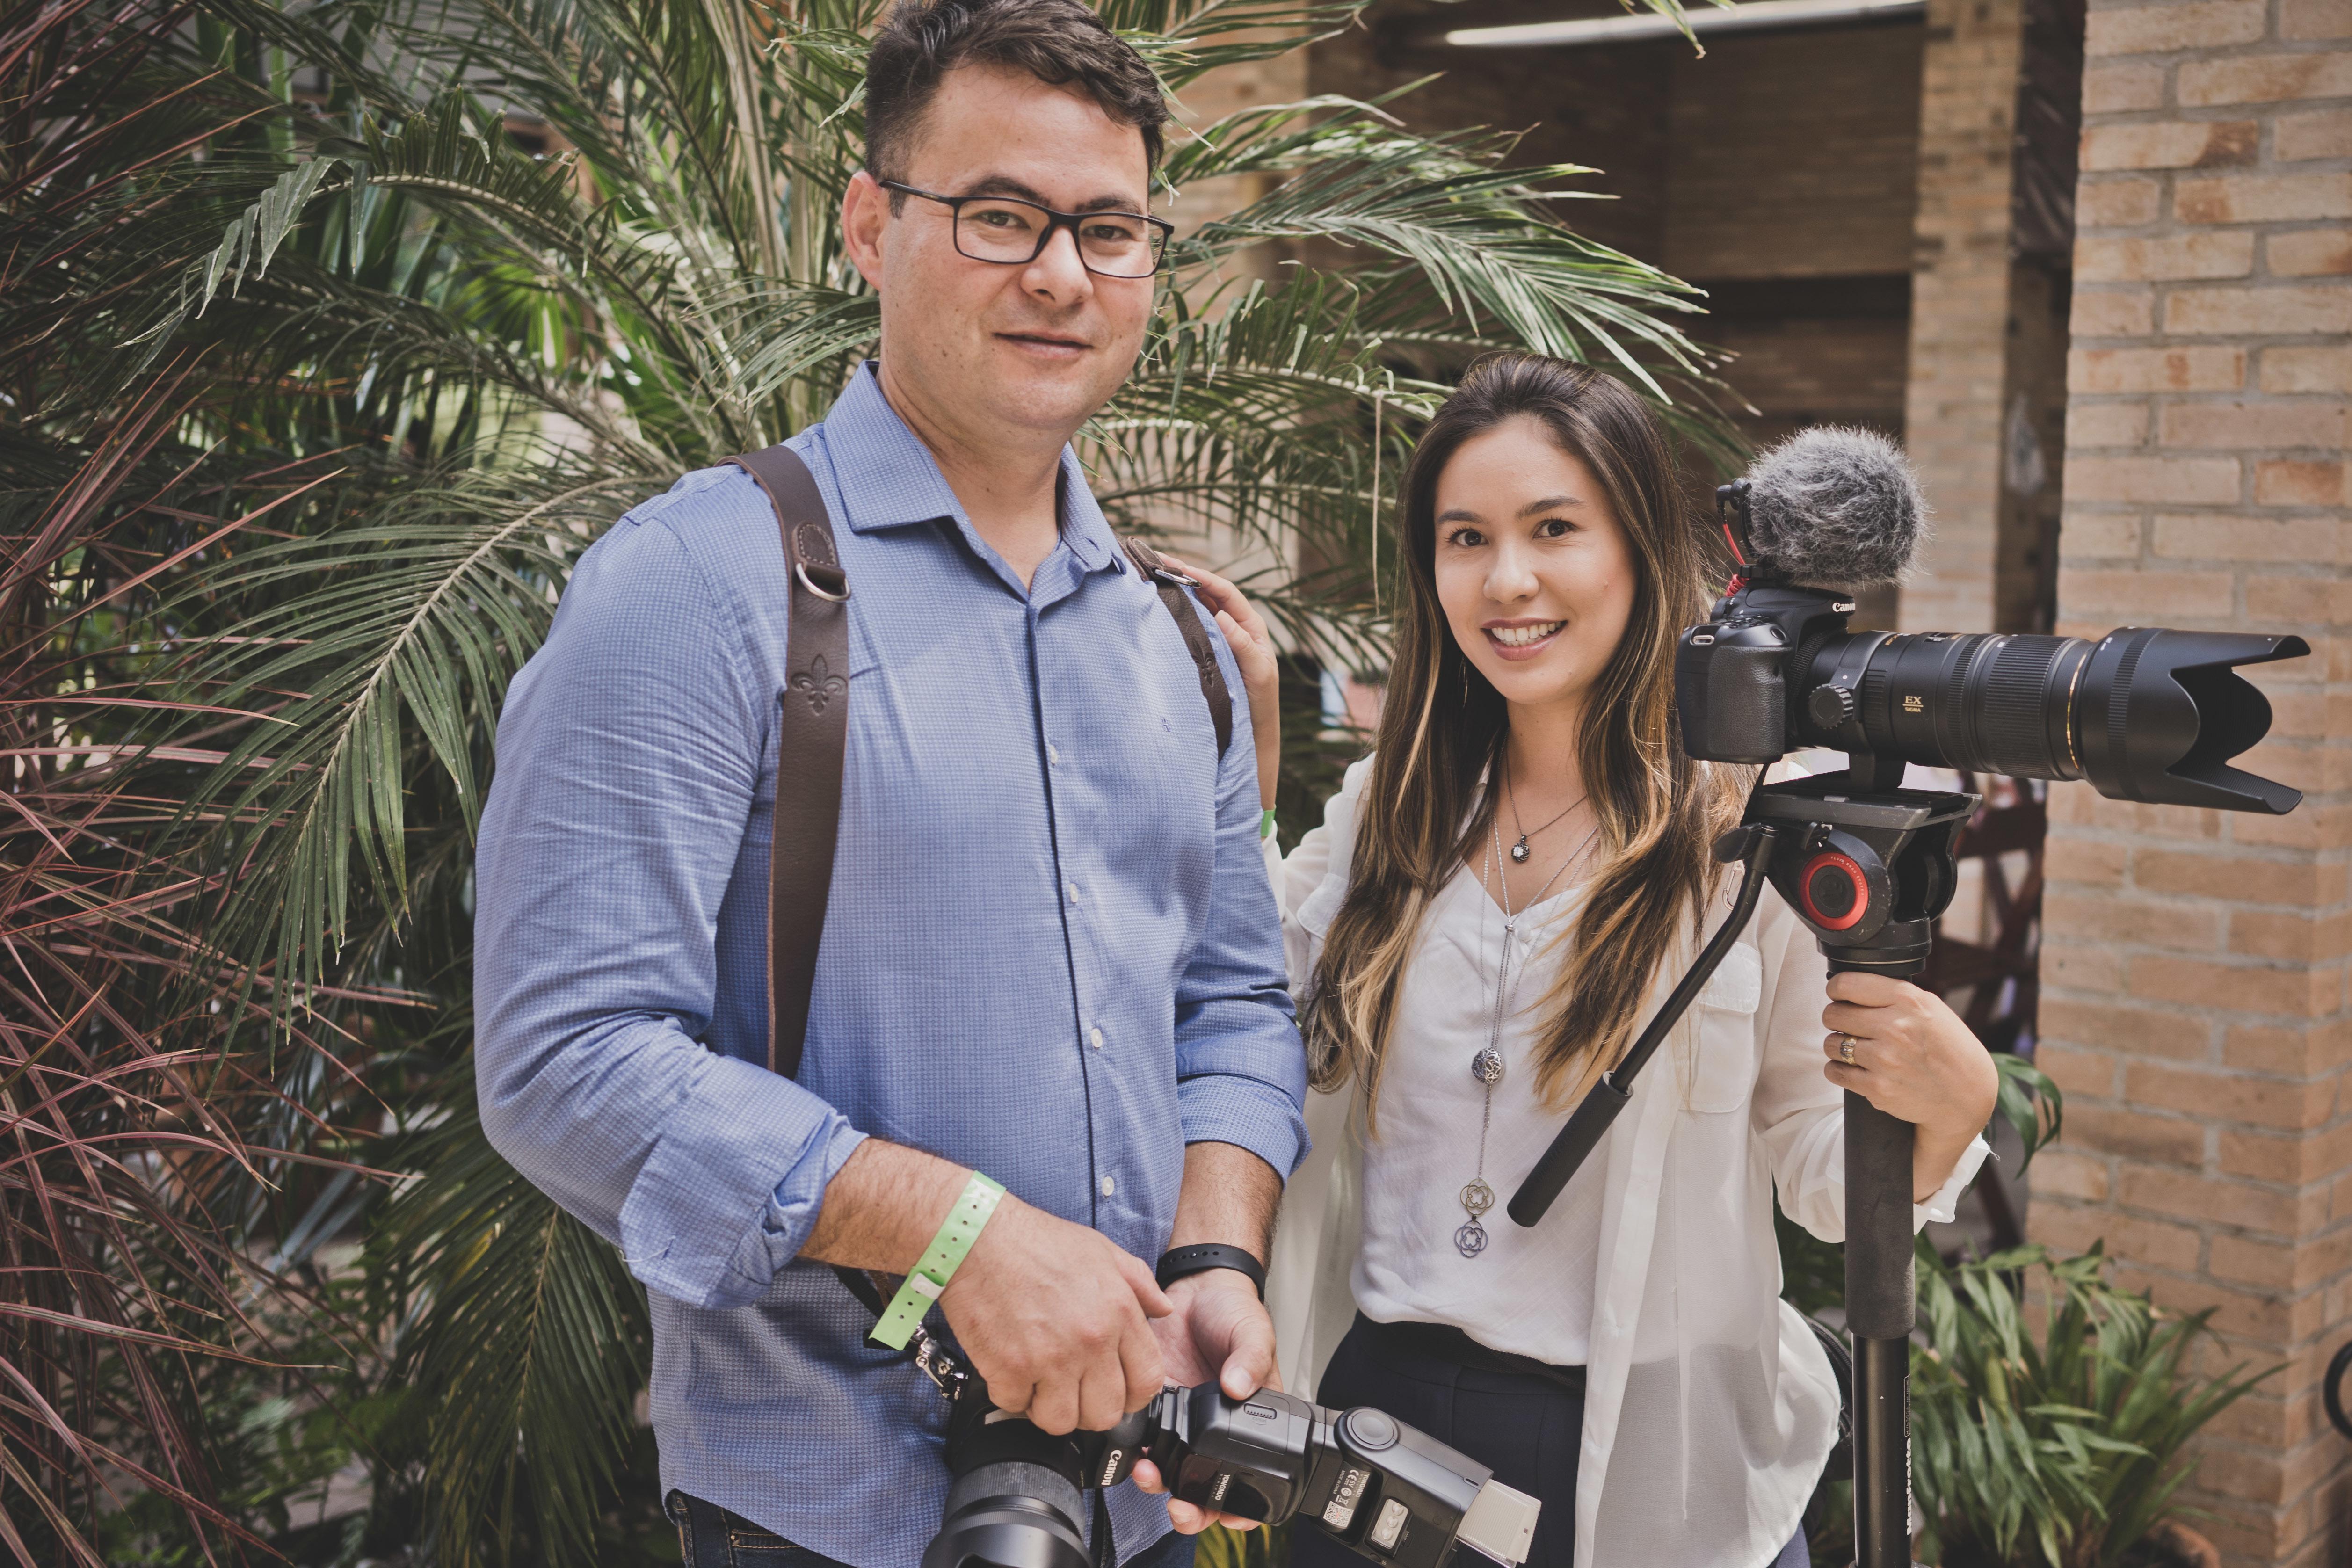 Sobre Foto e Filme de casamento que emocionam - Itatiba - SP por Julio Akio Hida